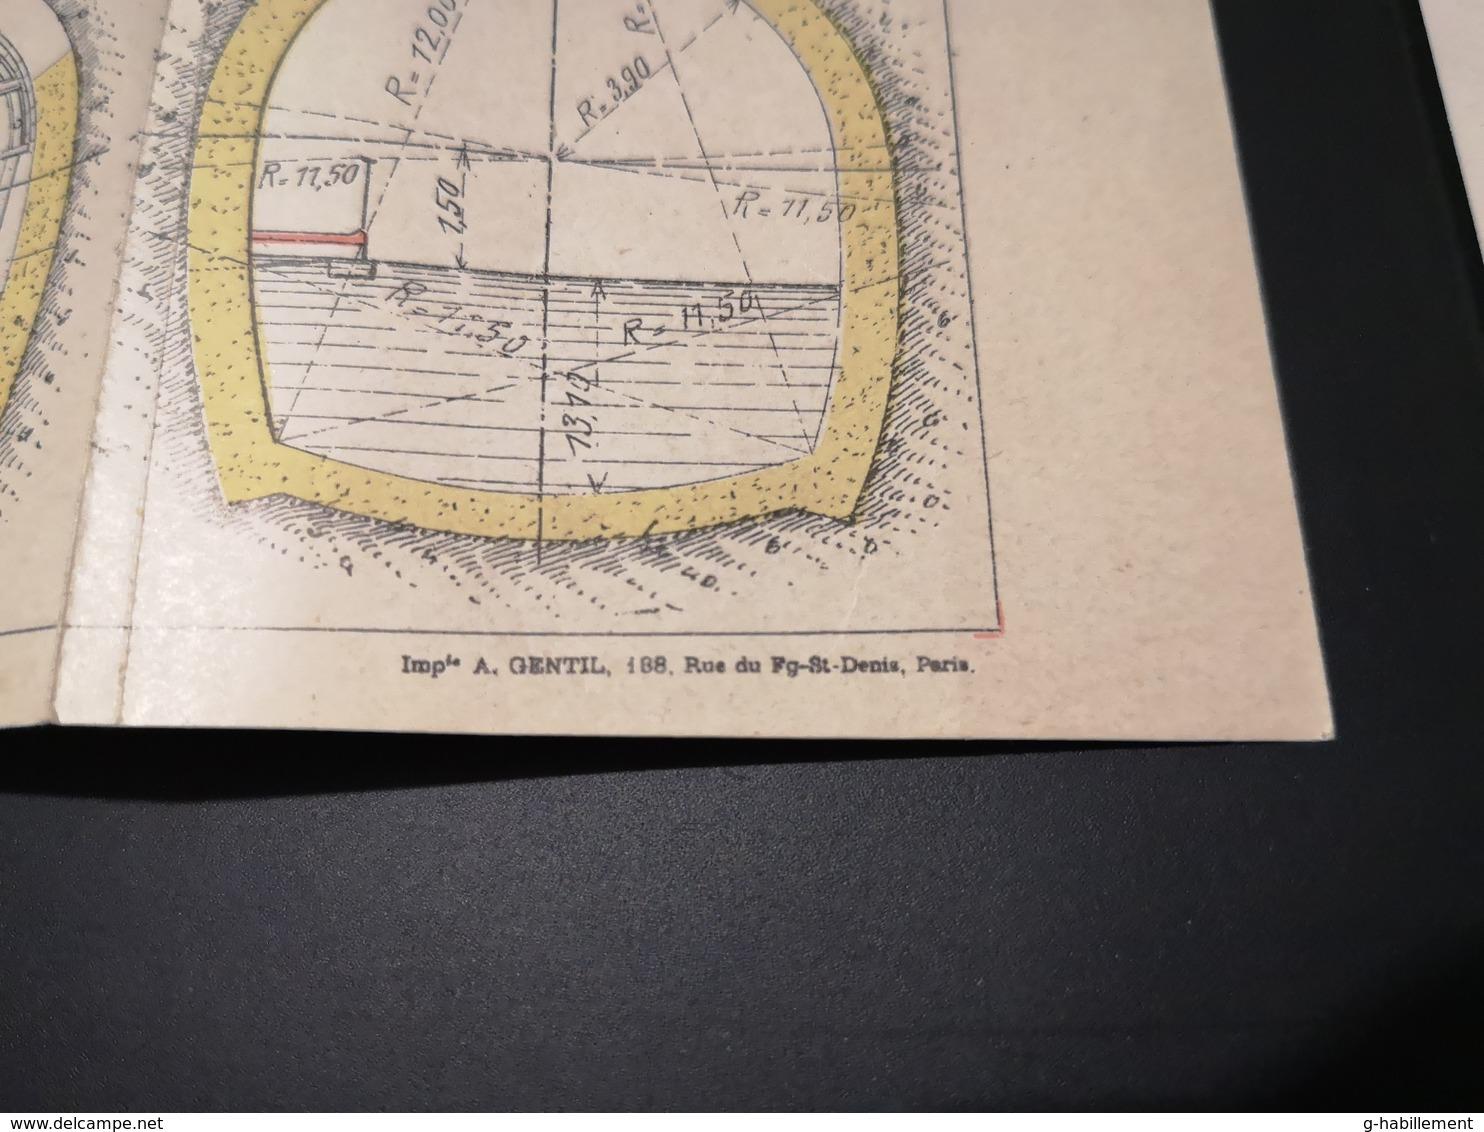 ANNALES DES PONTS Et CHAUSSEES (Dep 51) - Plan De Réfection De Maçonneries Soutterraines  - Imp A.Gentil 1912 (CLF26) - Cartes Marines